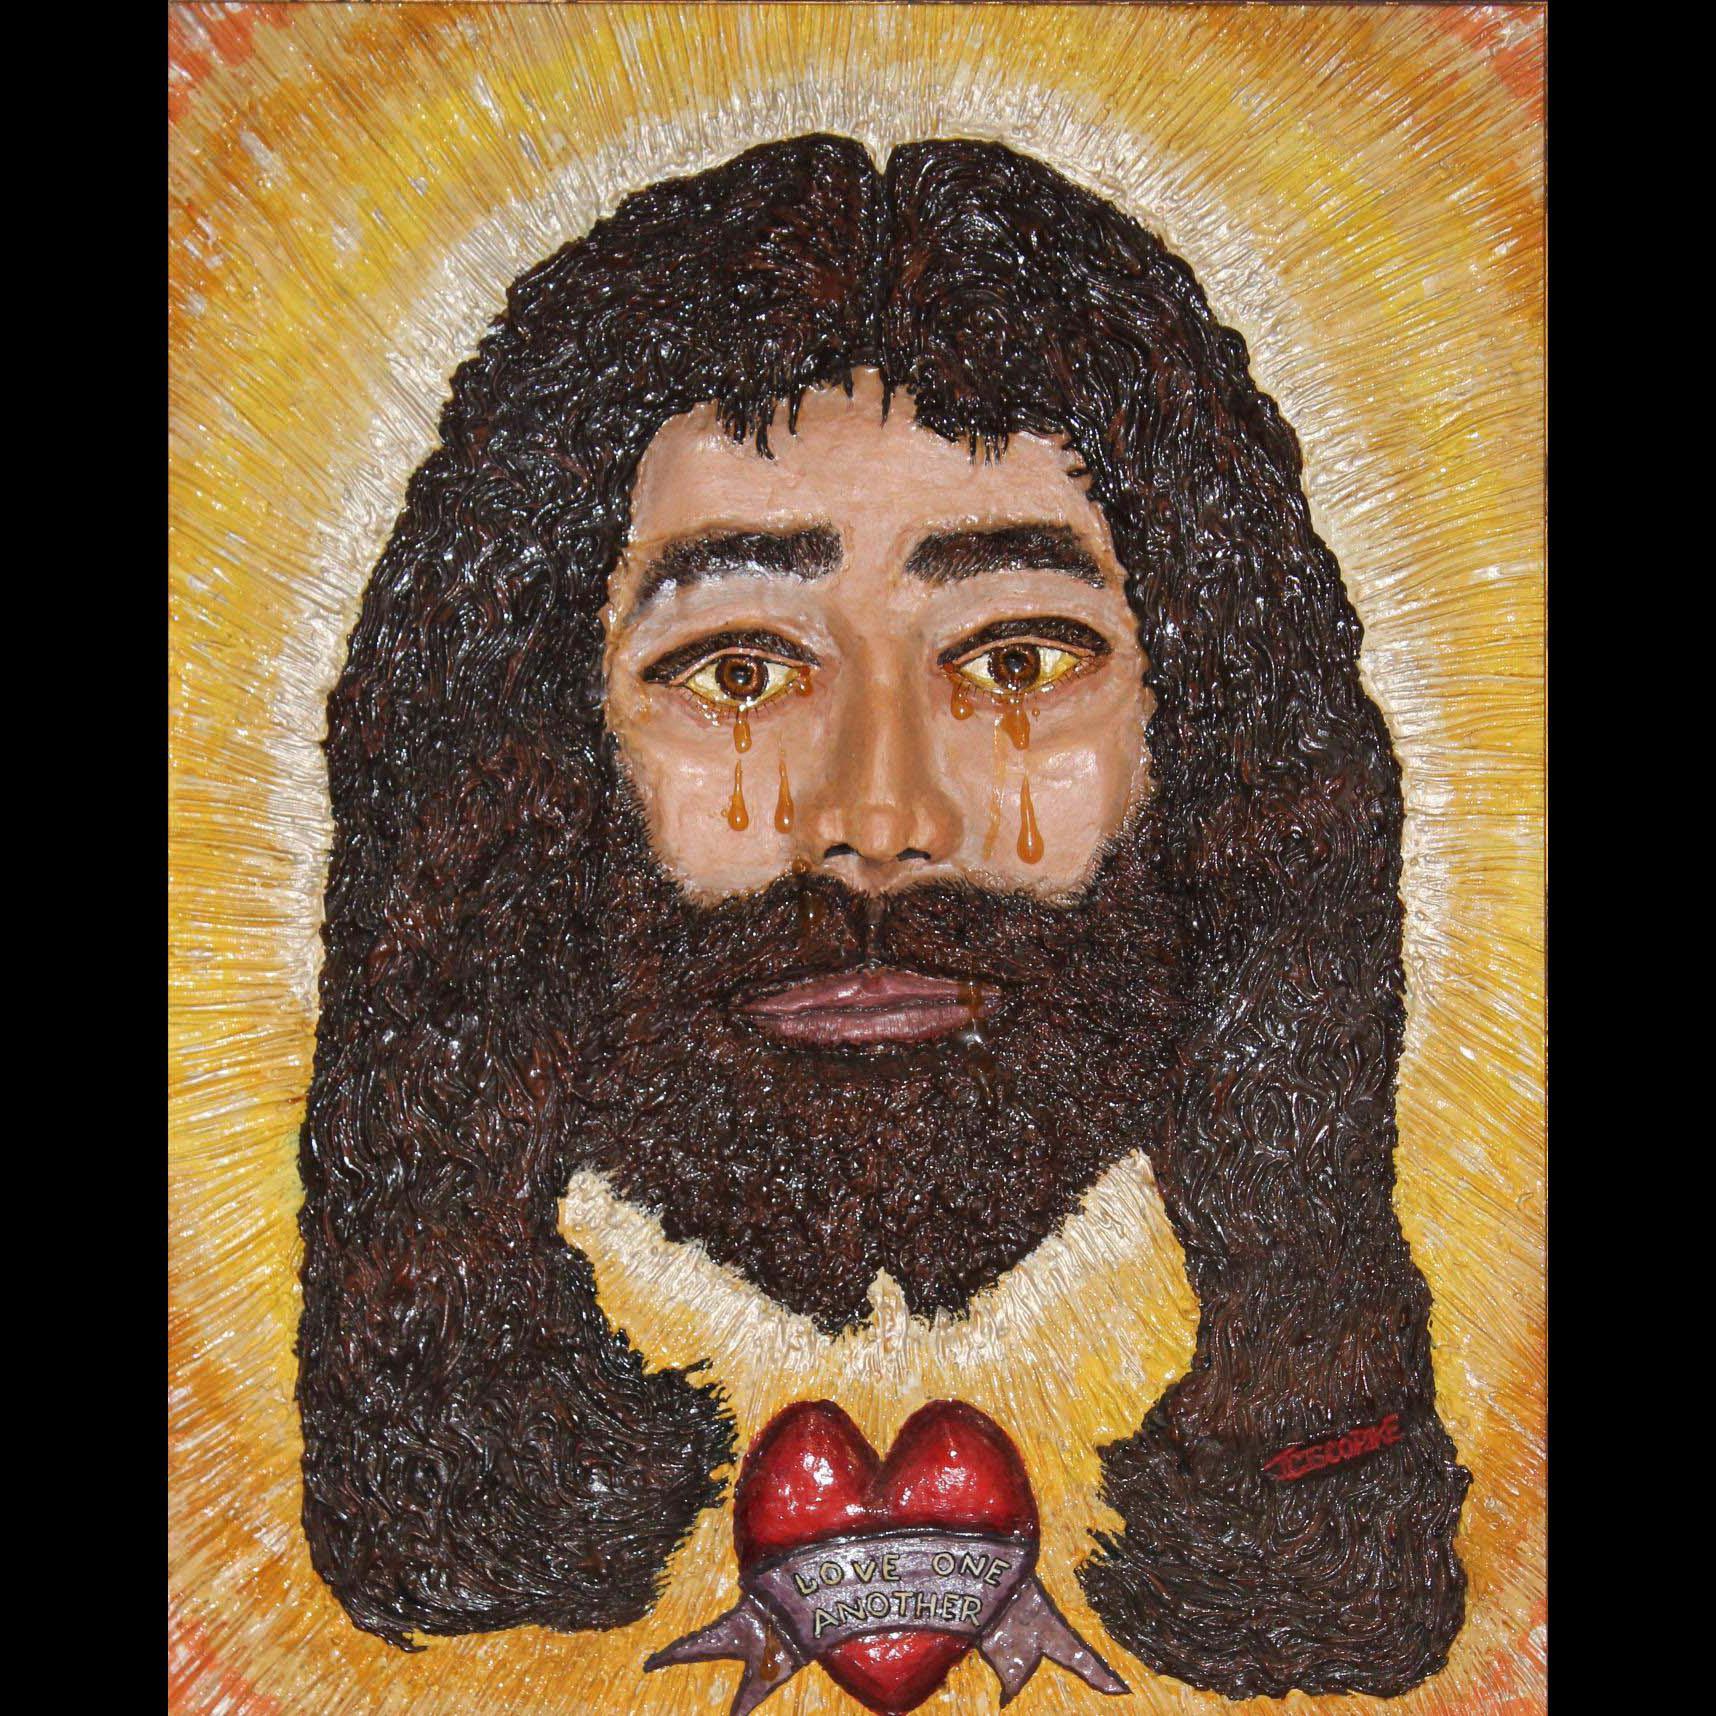 Jamieson Cisco Pike Religious Relief Painting of Jesus Christ - Messiah Says